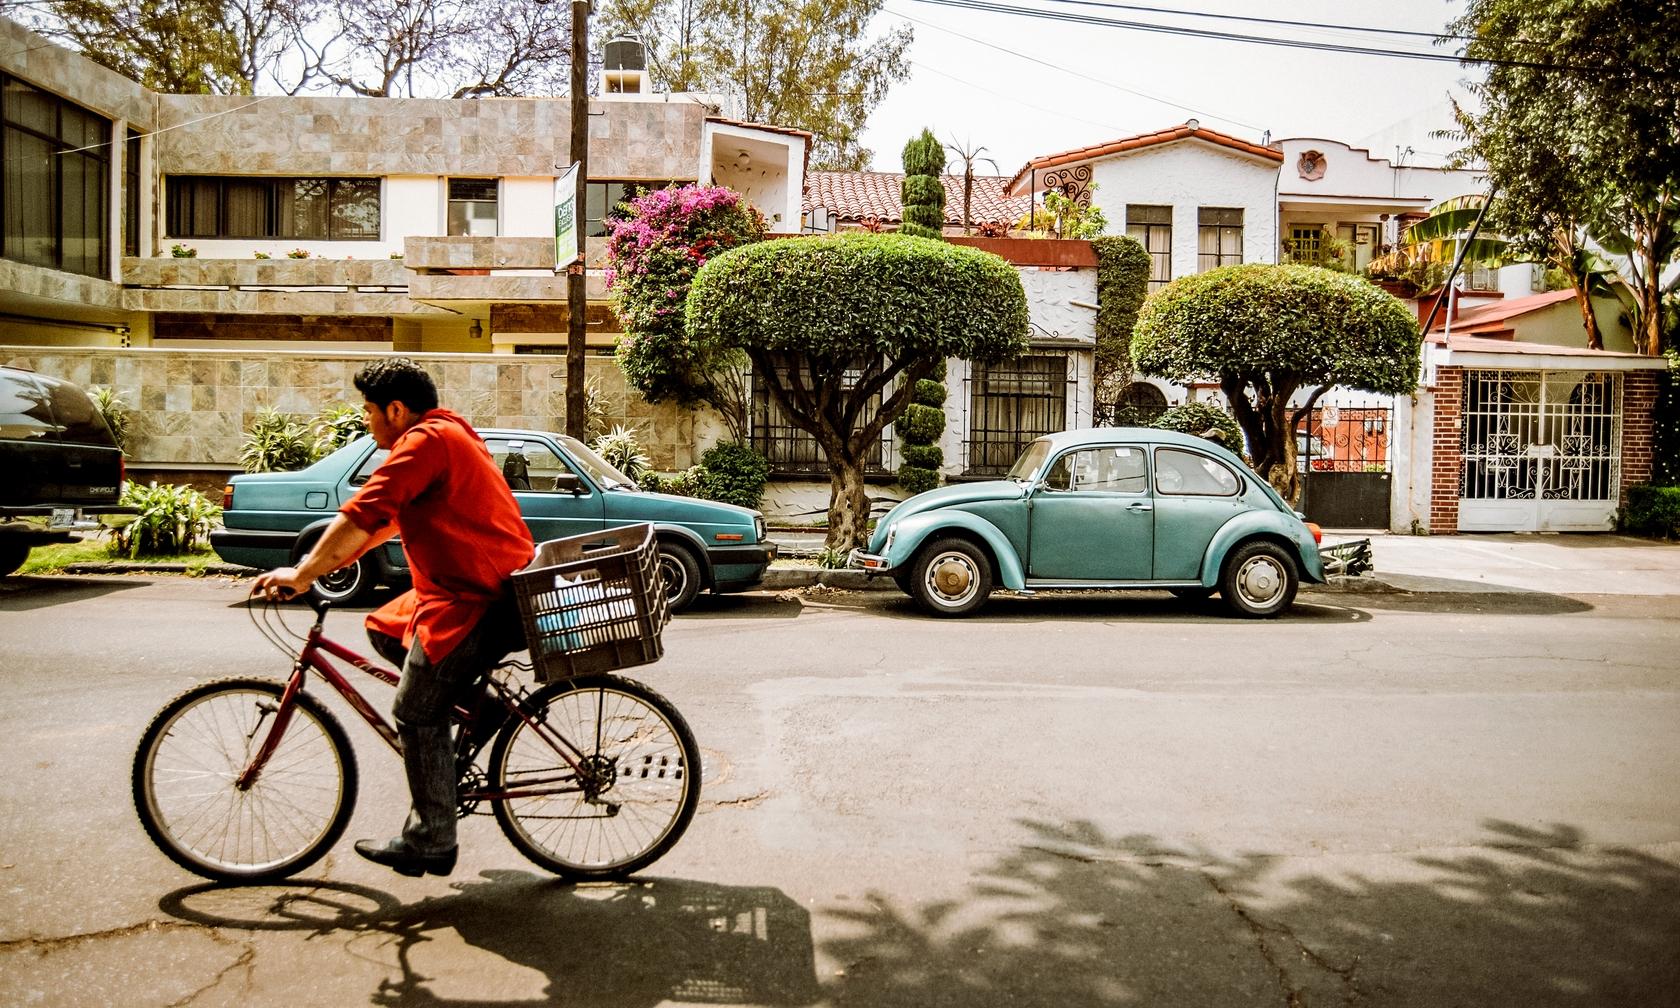 Vacation rentals in Mexico City